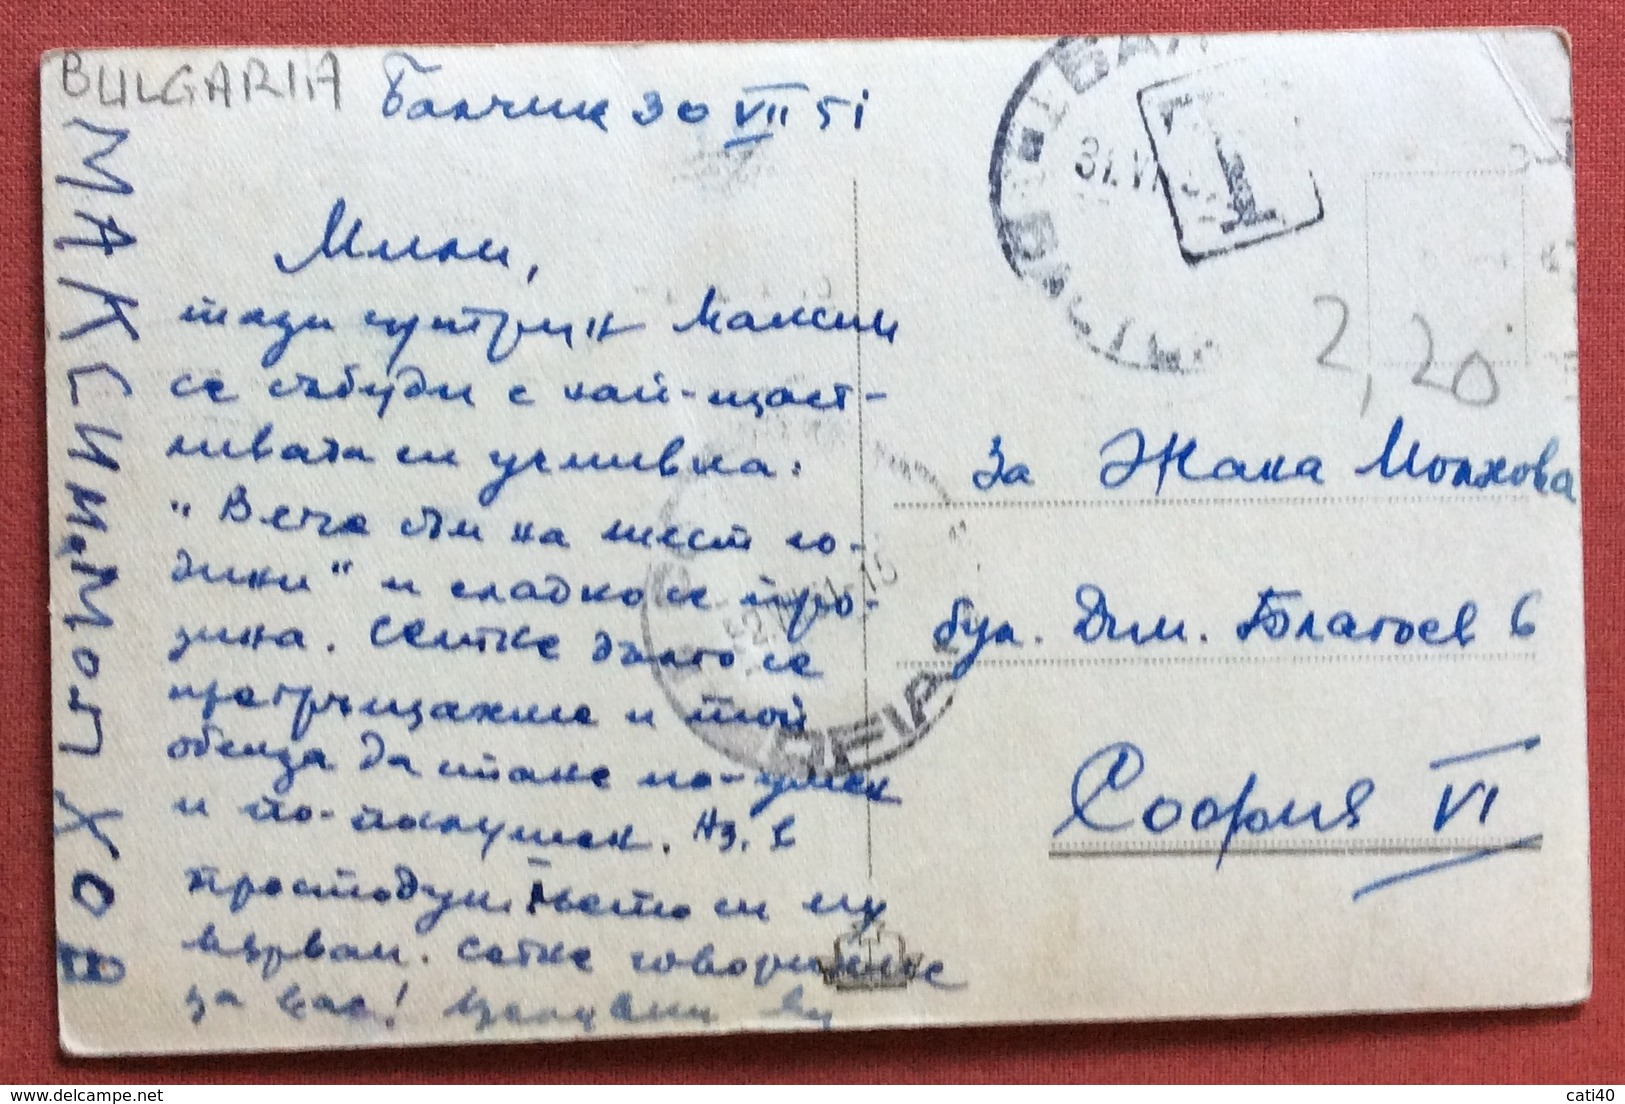 BULGARIA BALCHIK LE PALAIS LA CASCADE - Bulgaria